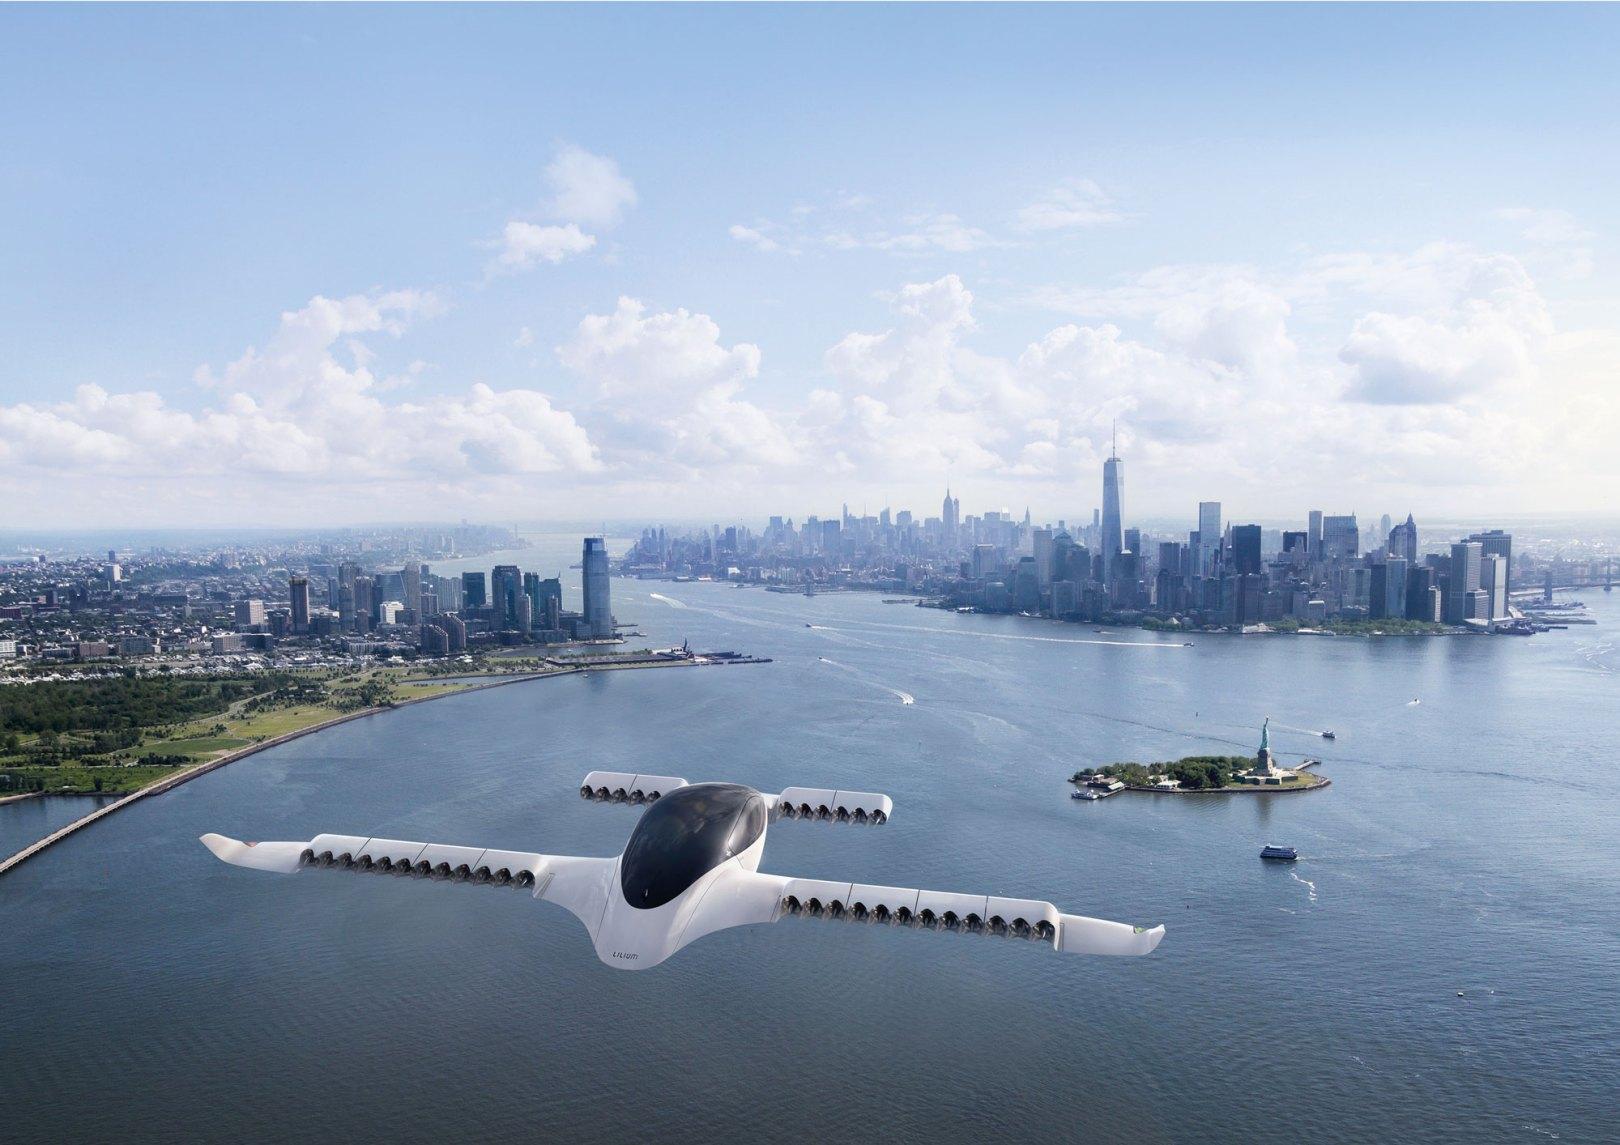 lilium jet auto volante prototype